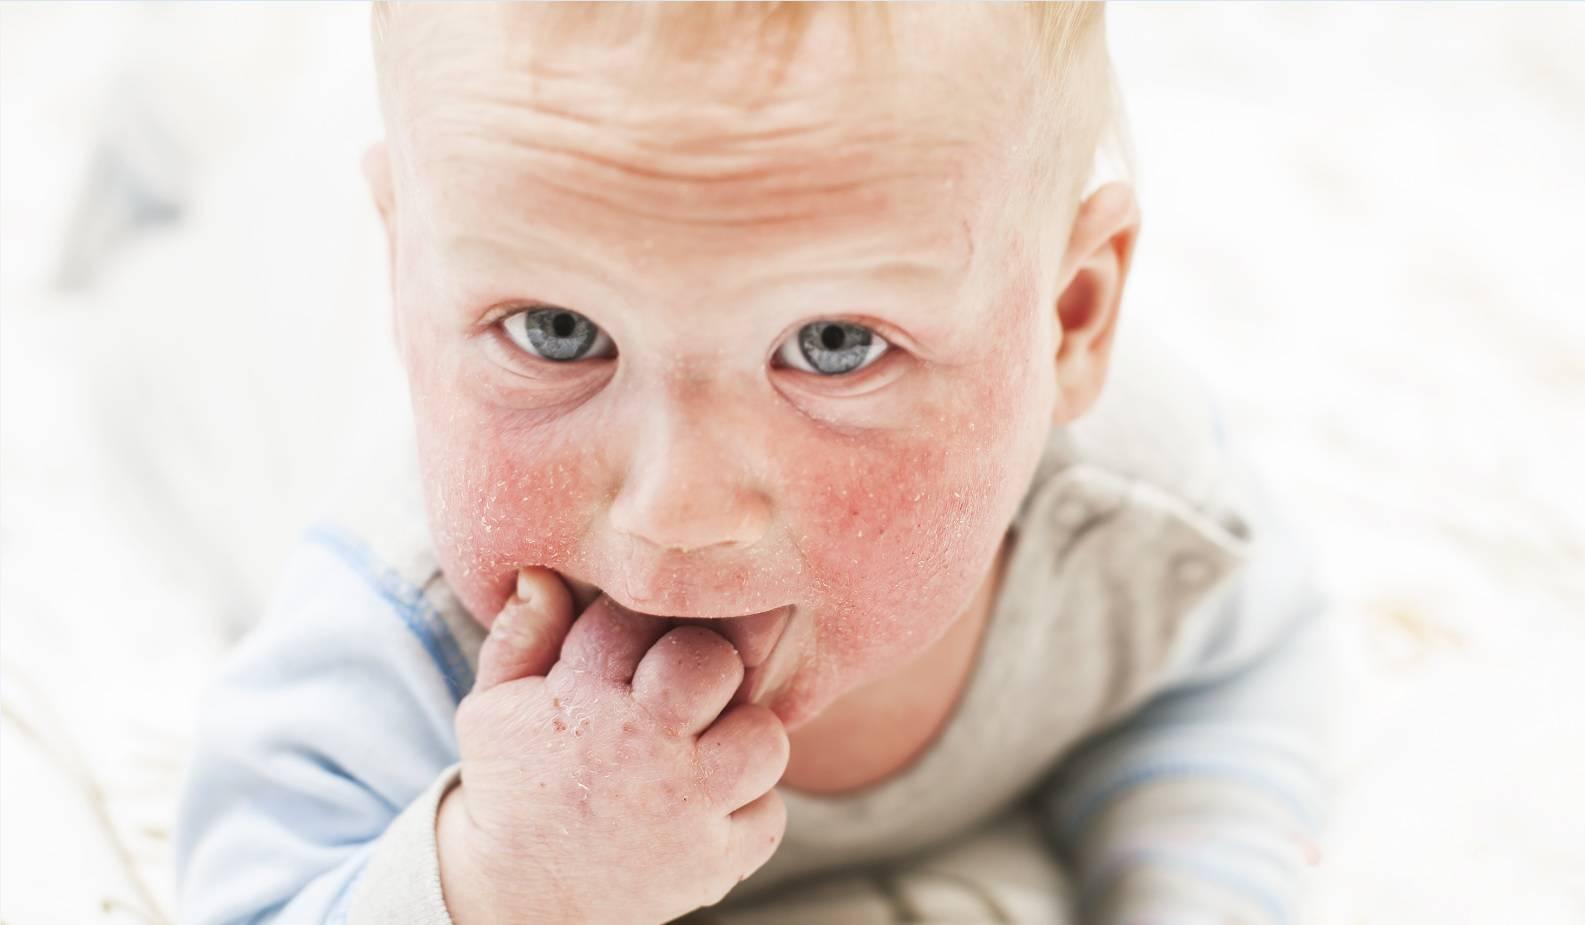 Симптомы инфекционного (вирусного) дерматита у детей, лечение и методы профилактики